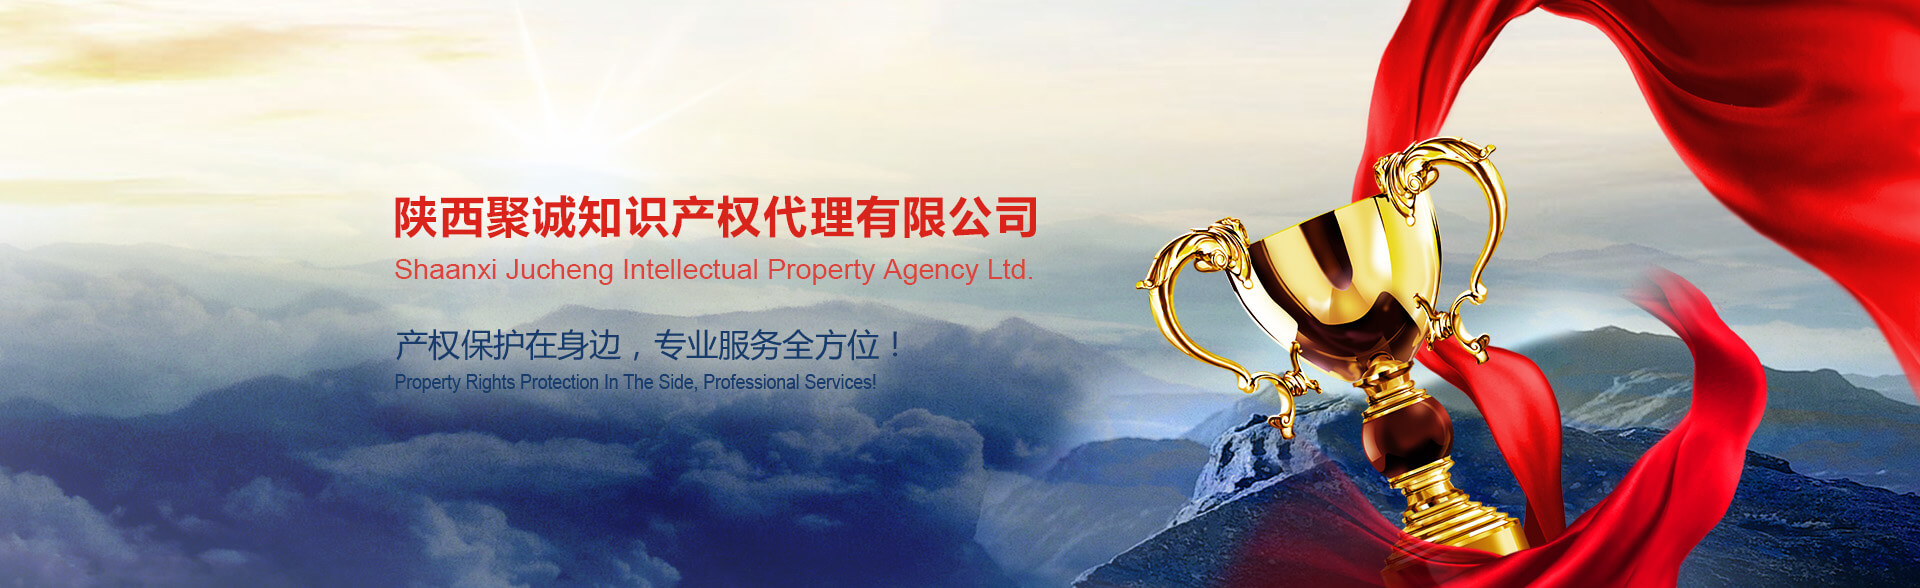 西安商标注册,西安专利申请_行业动态 第2页_第一张图片